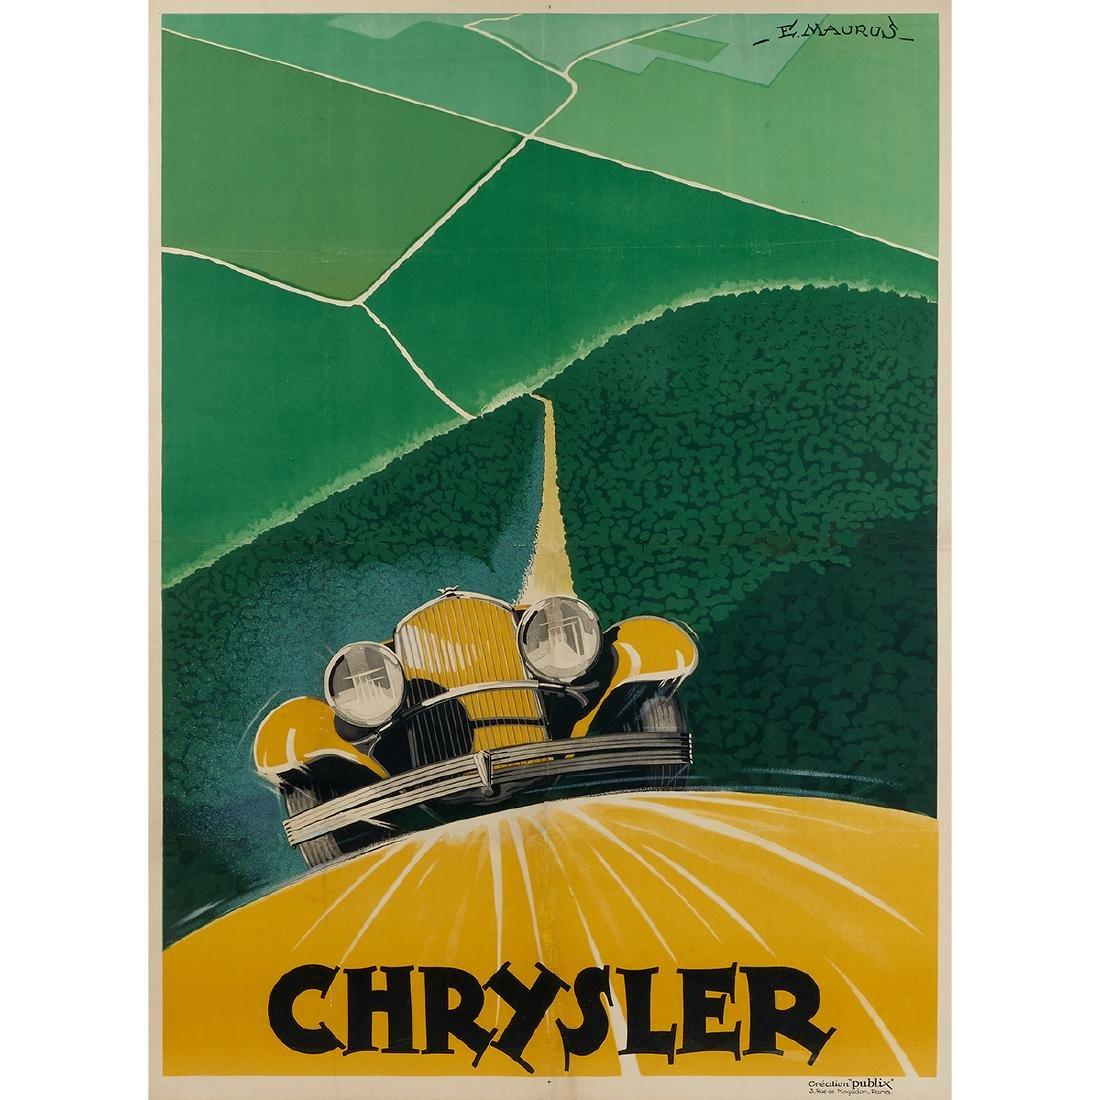 Edmond Maurus, Chrysler